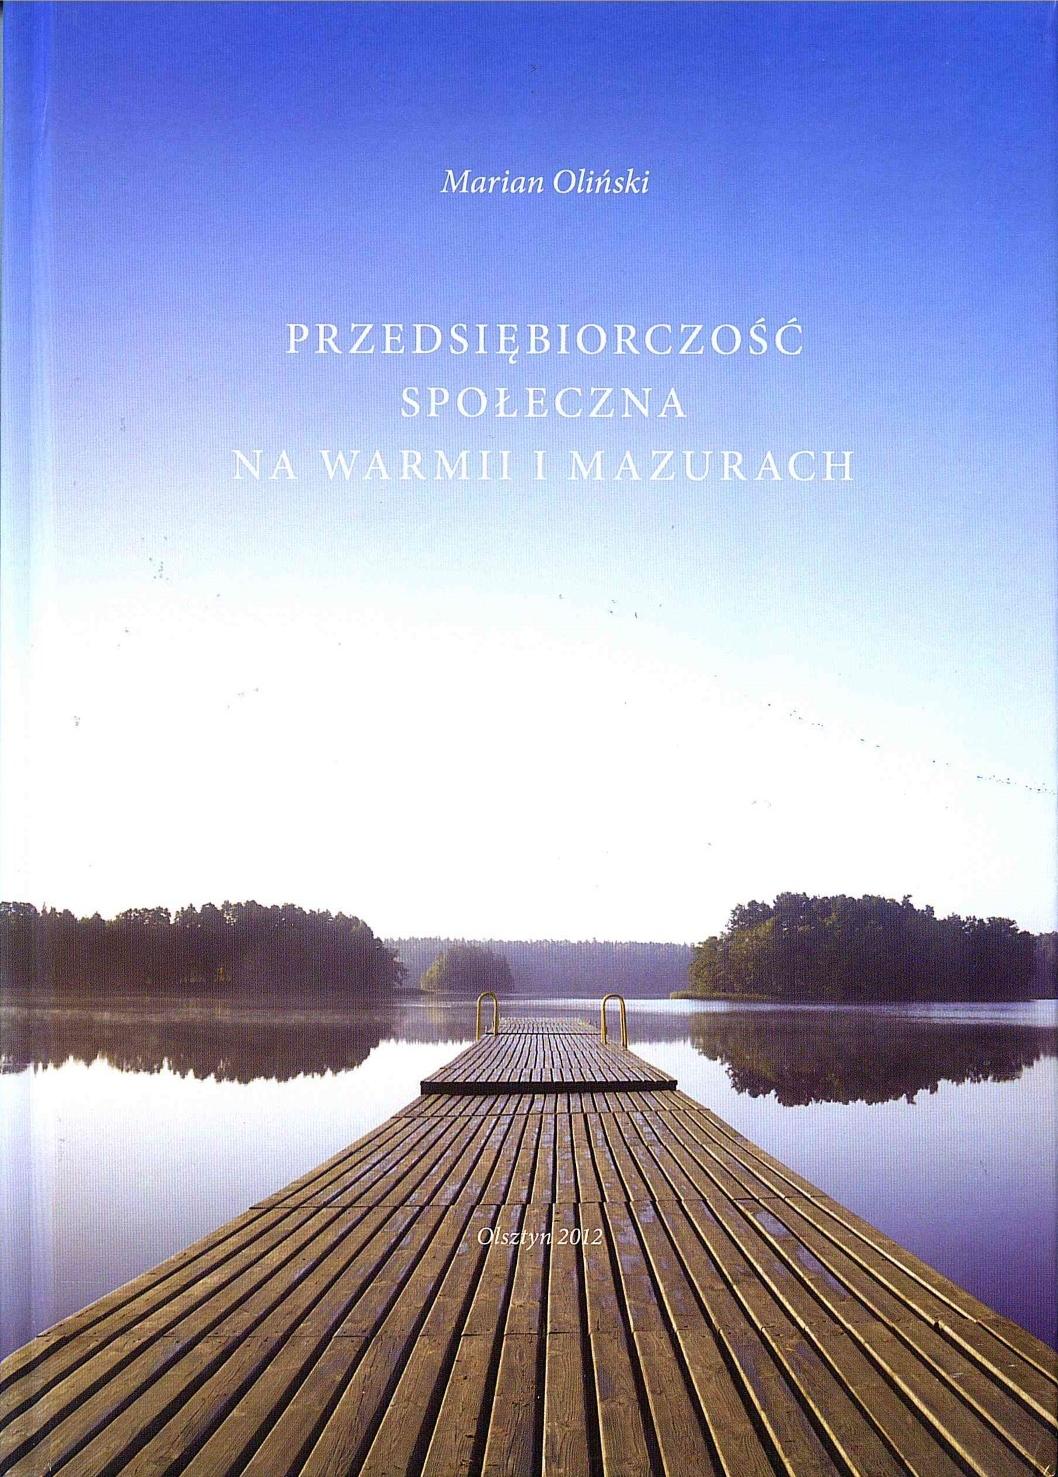 Przedsiębiorczość społeczna na Warmii i Mazurach publikacje